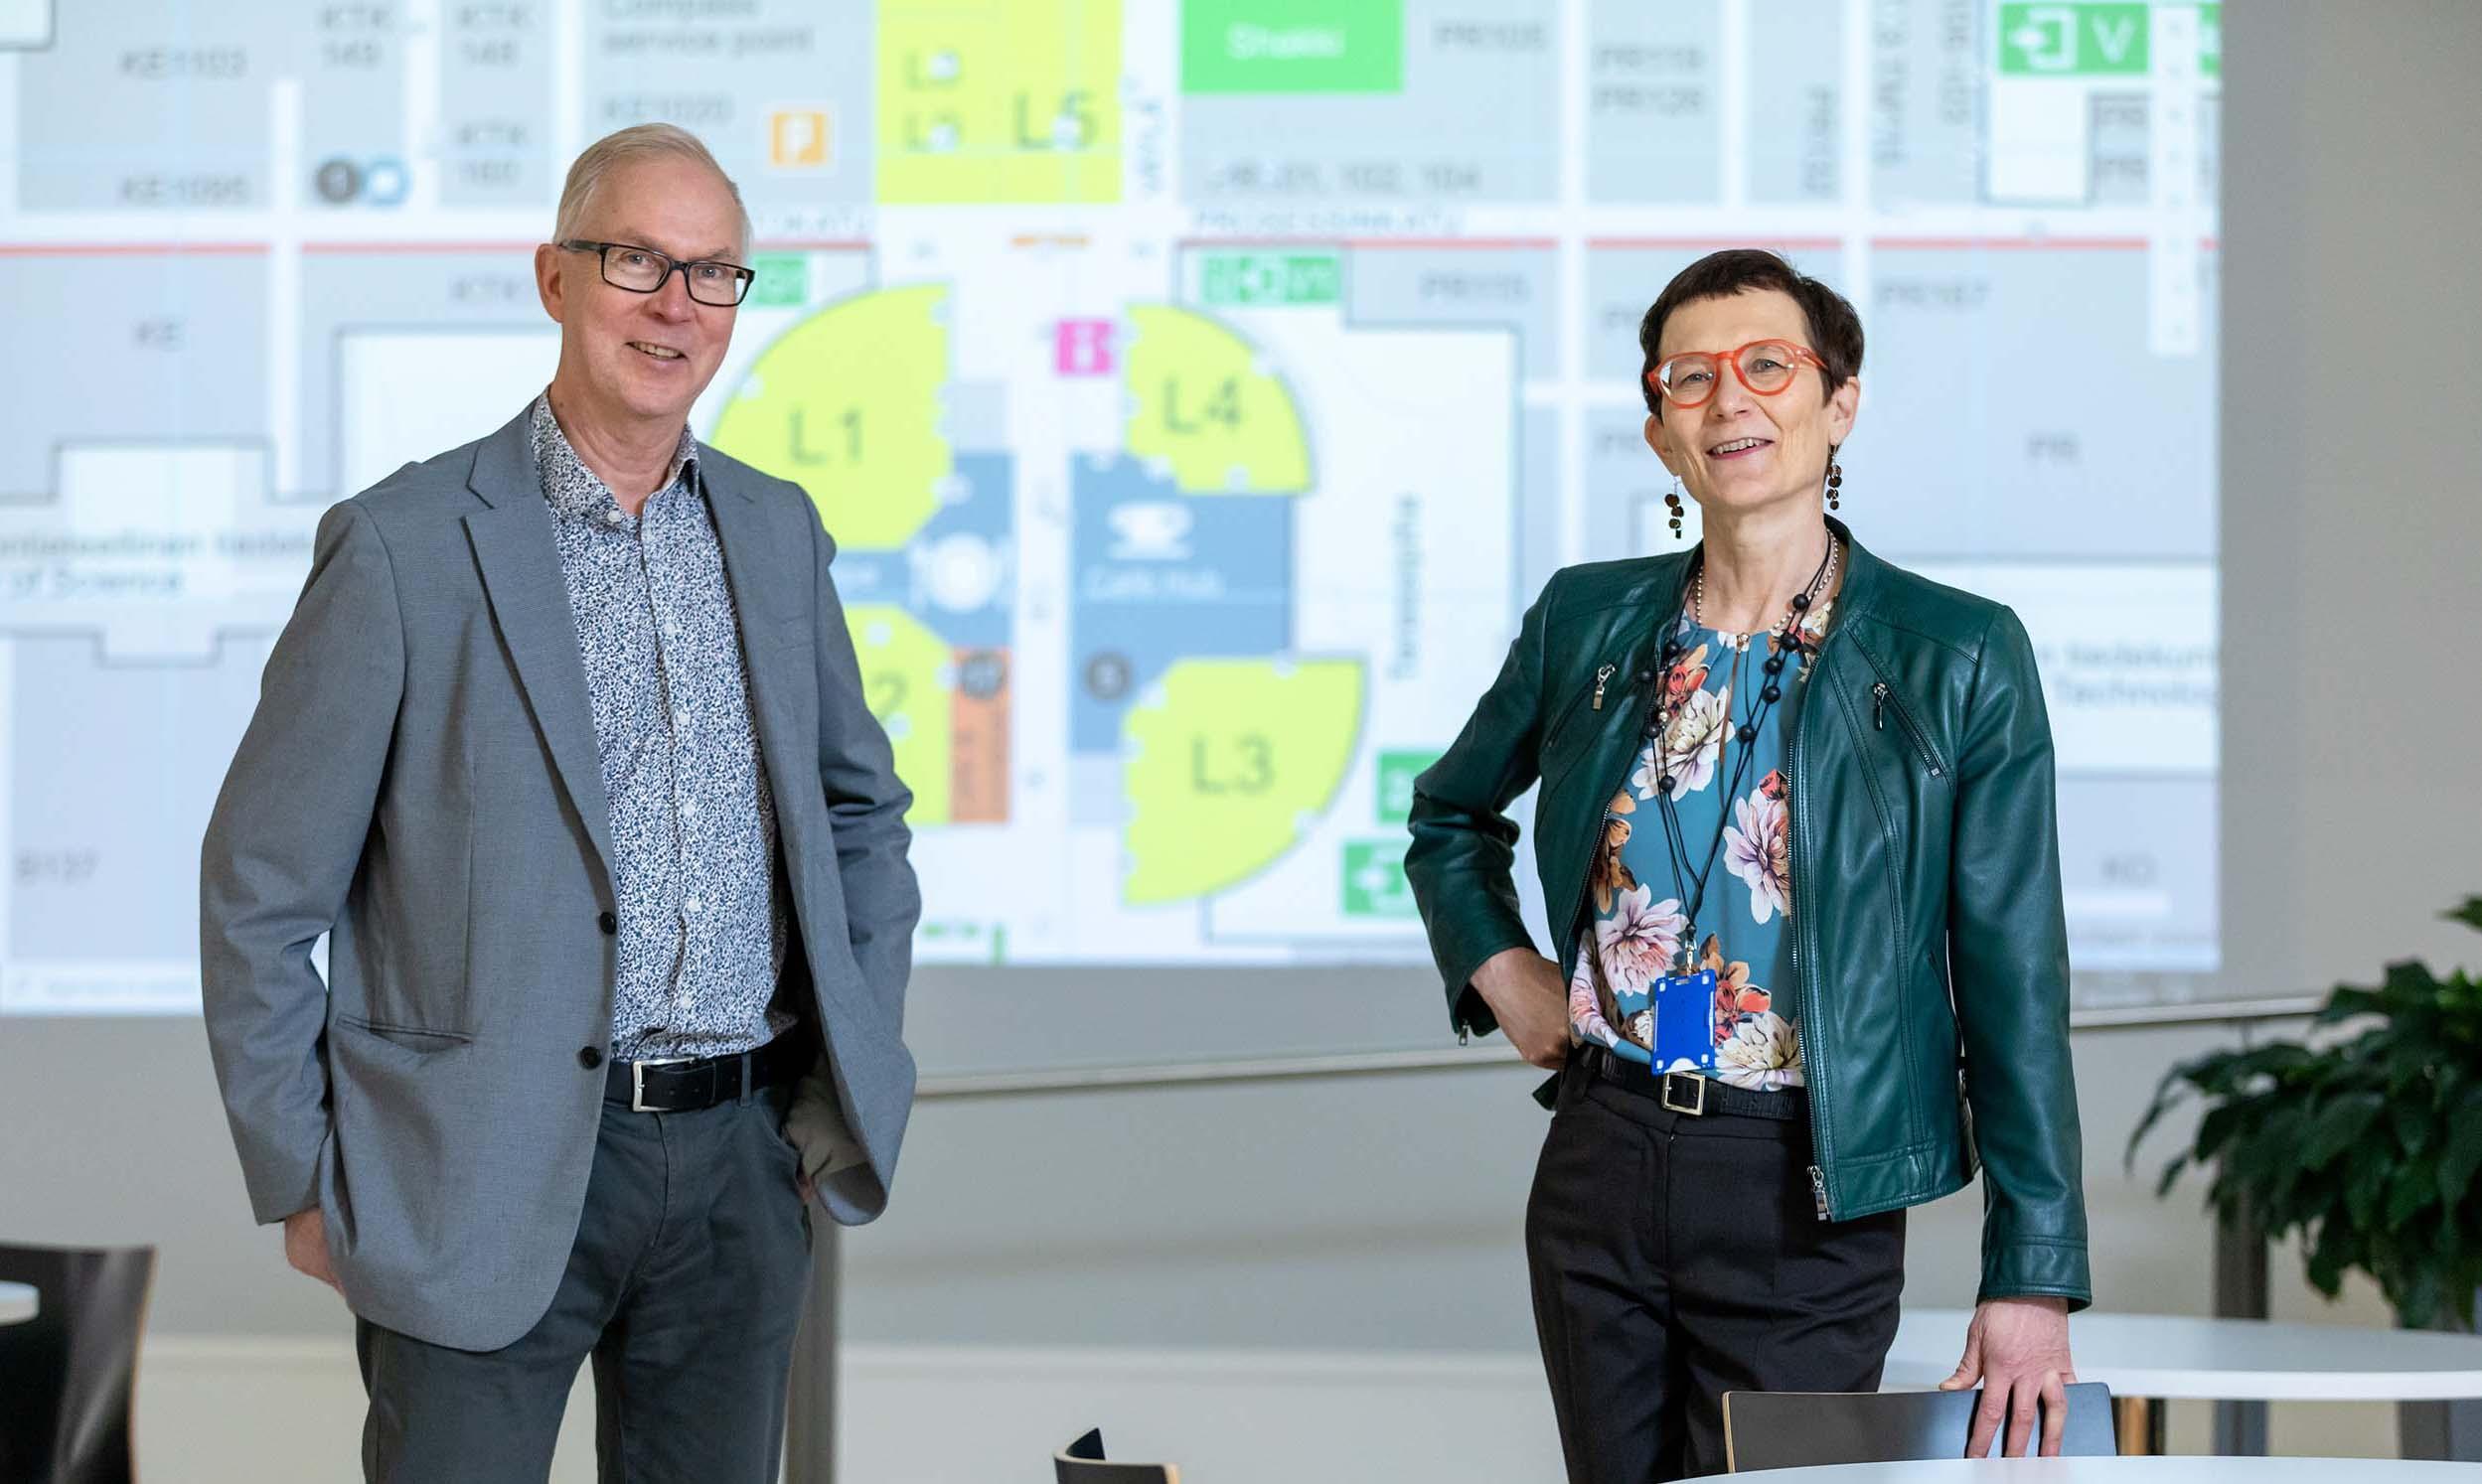 Mies ja nainen vihreässä lyhyessä nahkatakissa seisovat esitystilan edessä ja katsovat hymyillen kameraan. Taustalla esitys, jossa kaavioita.